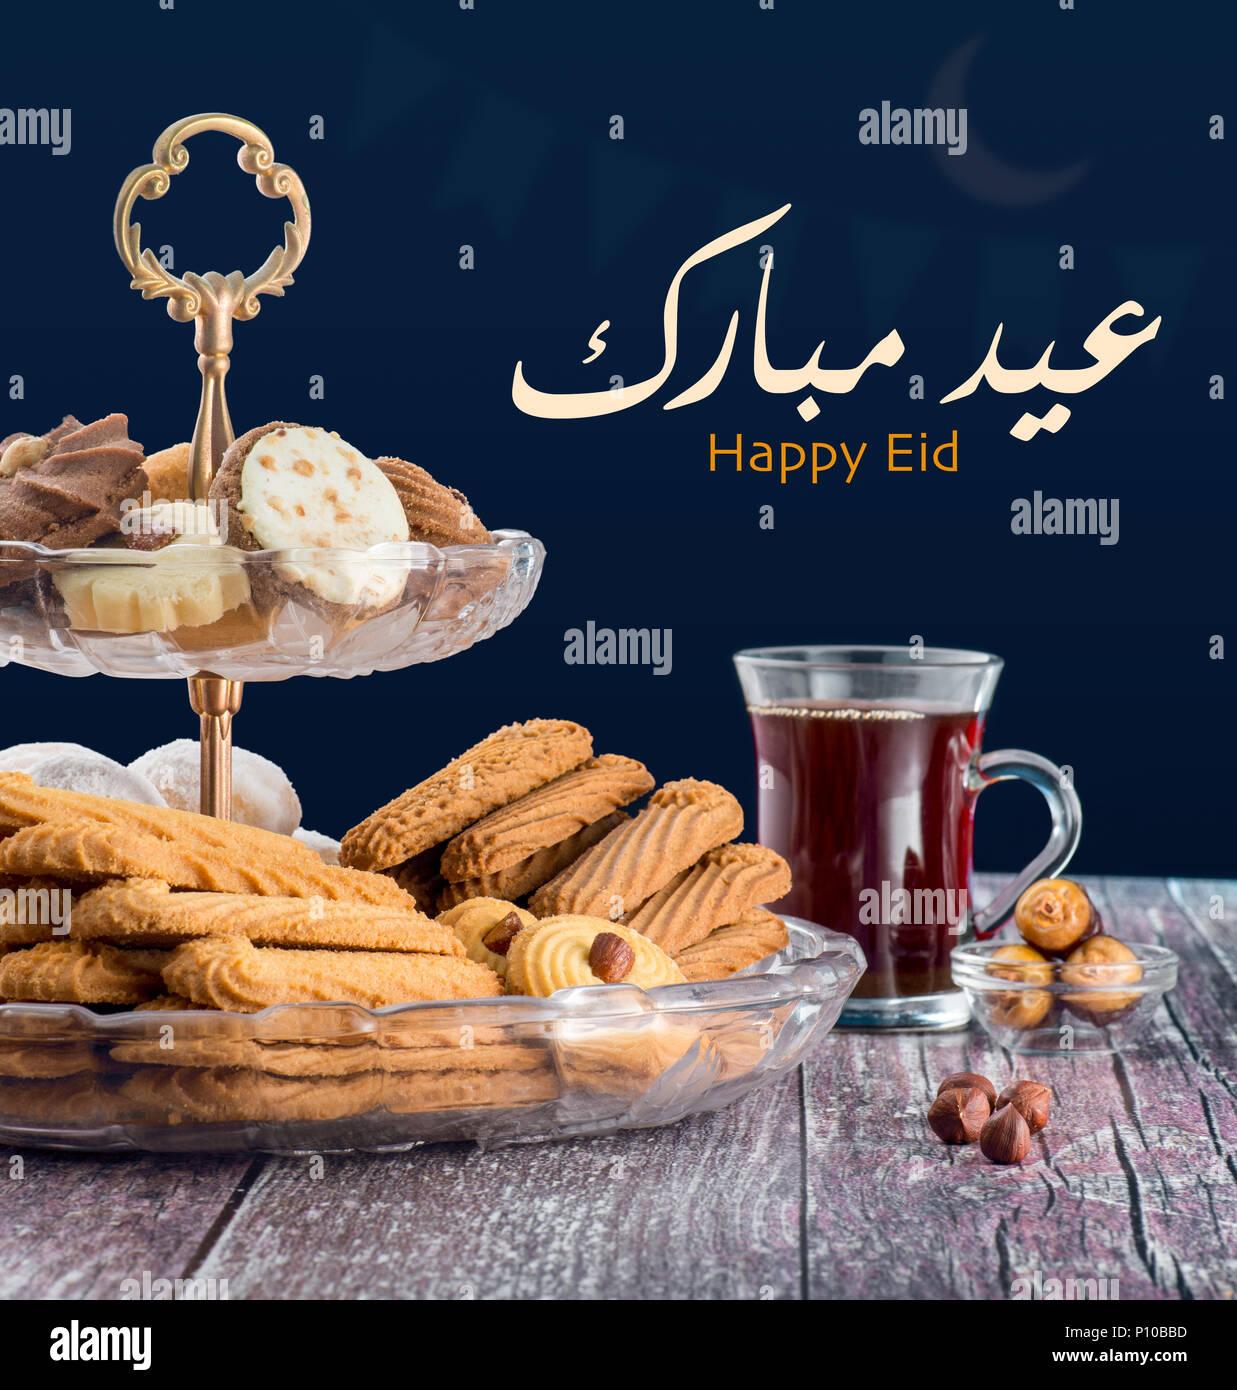 Happy Eid ElFitr Sweet Cookies, Greeting Card - Stock Image